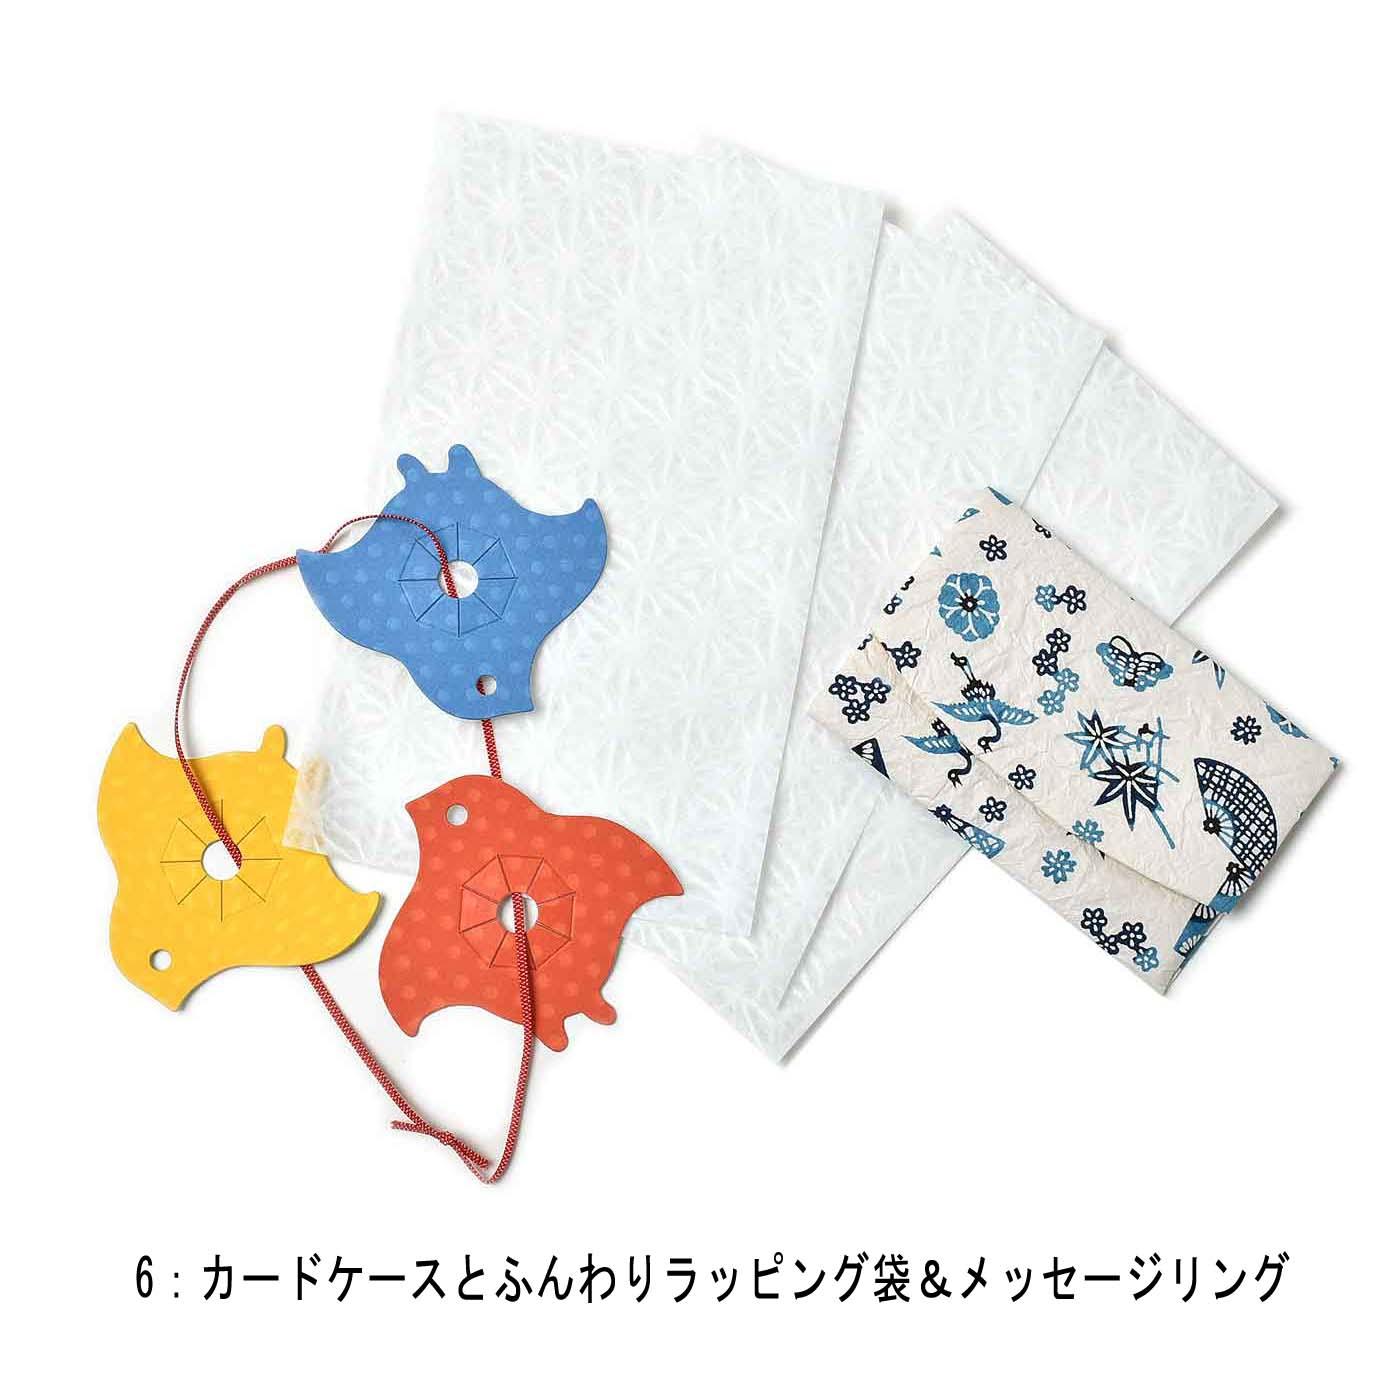 カードケース 1個:紙、ポリエステル 縦約7.5cm、横約11.5cm ふんわりラッピング袋 3枚:不織布 縦約20cm、横約12cm メッセージリング 3個:ポリエステル 約8×8cm